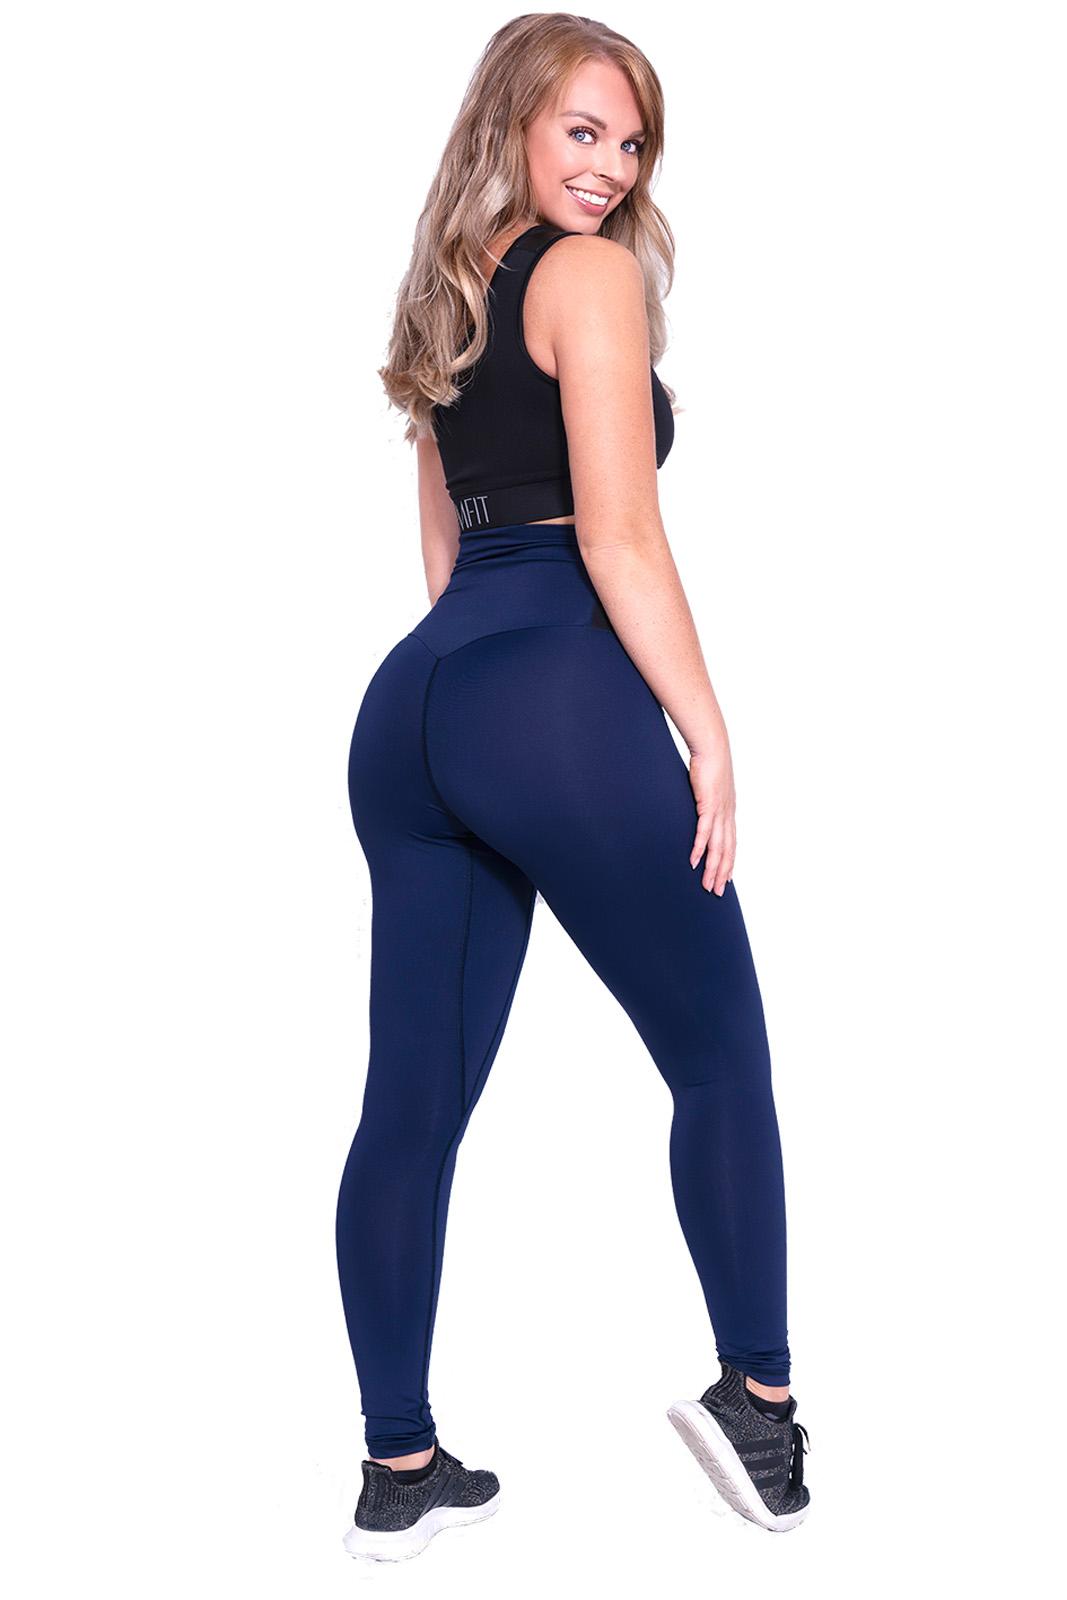 Sport legging Dames Blauw-Zwart - Mfit-2